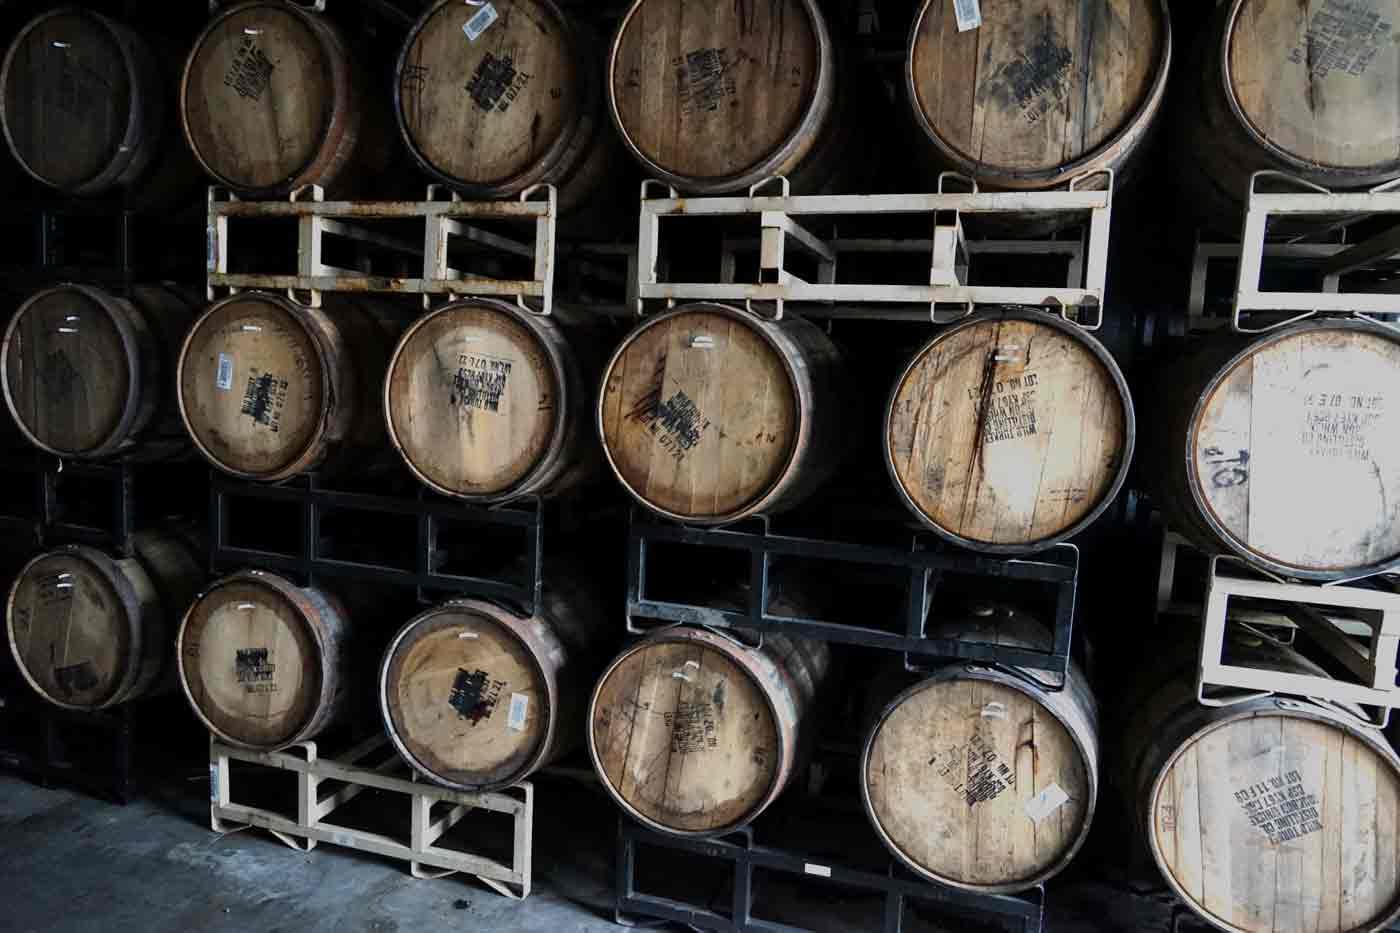 wild turkey barrels at anderson valley brewing company